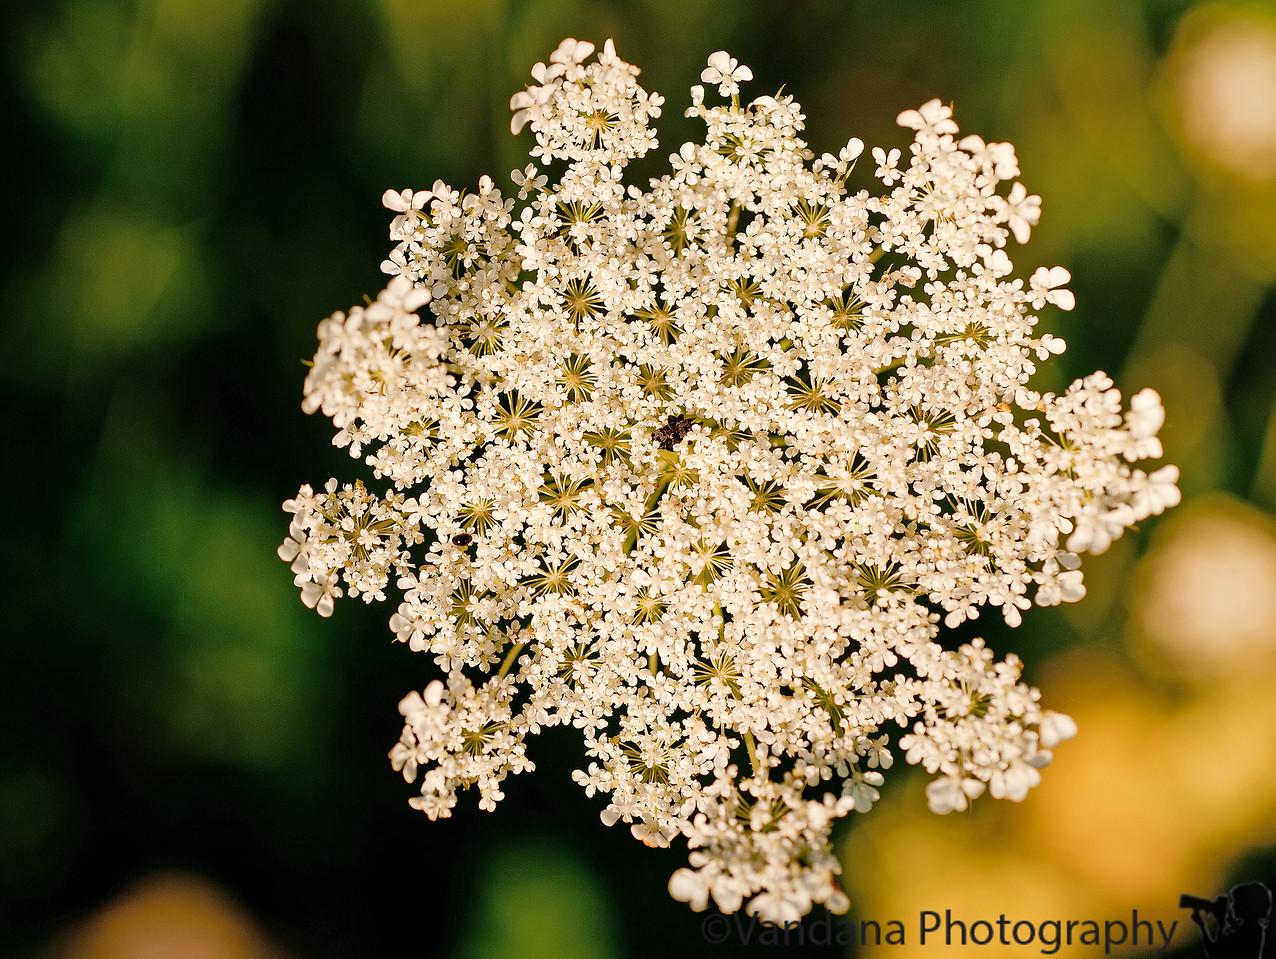 August 19, 2011 - wildflowers